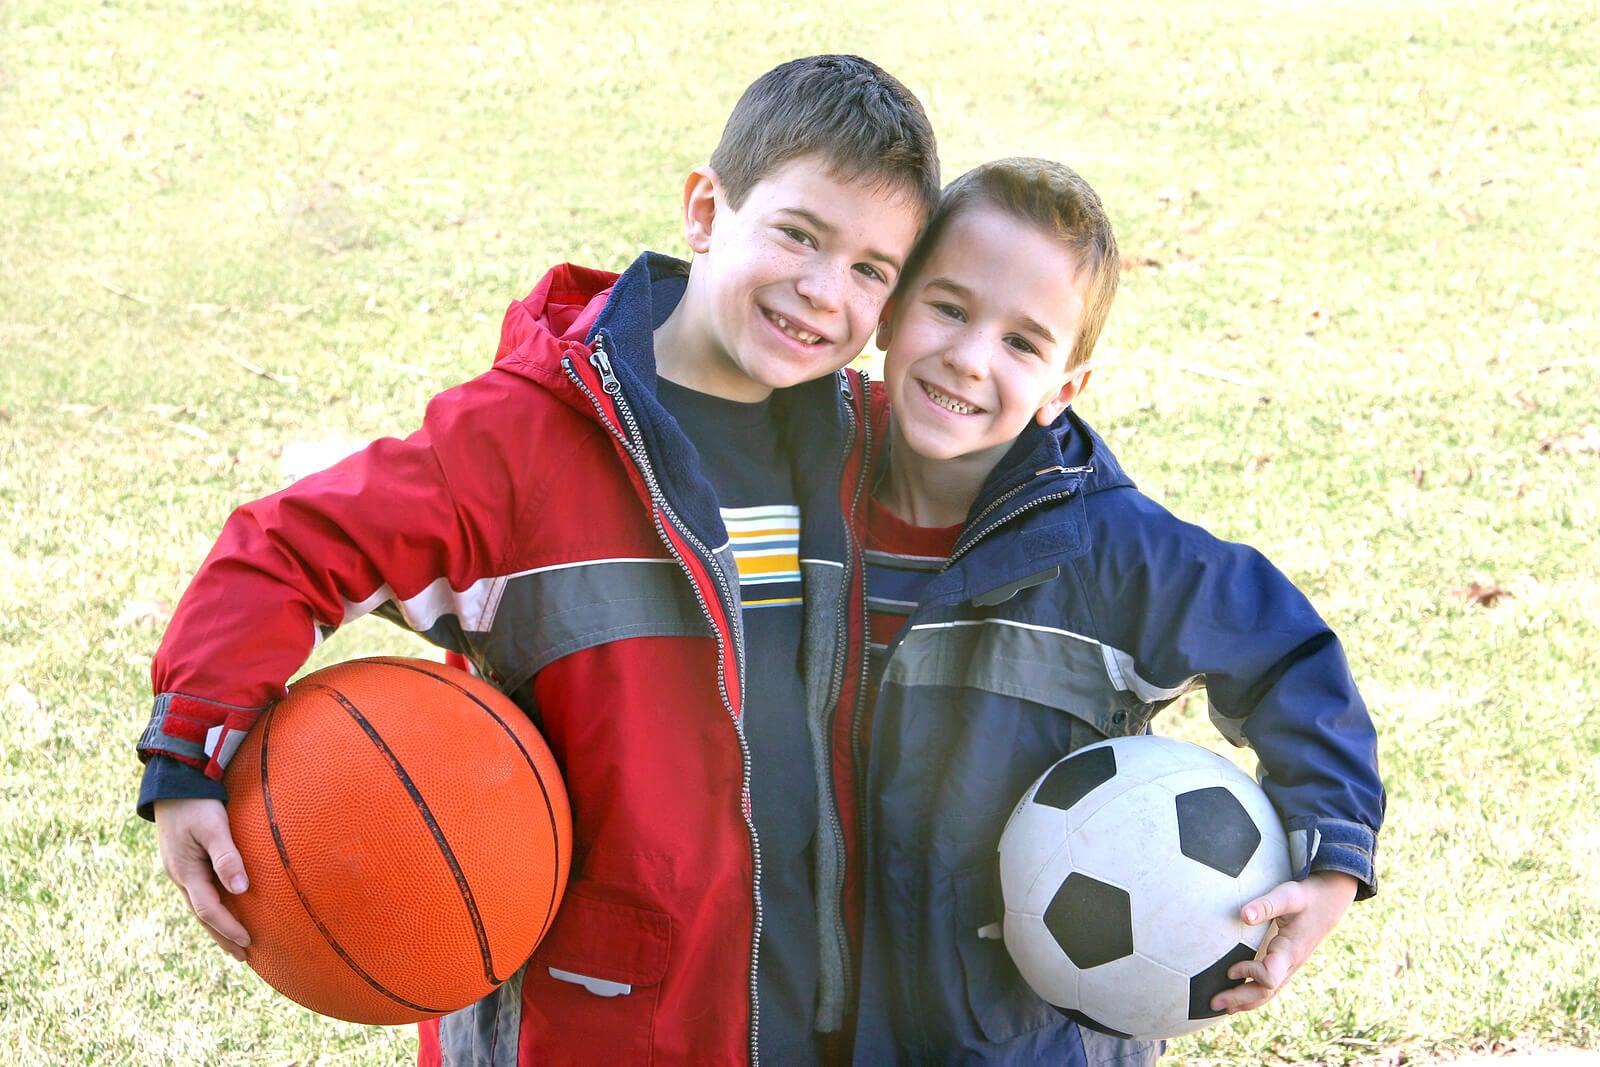 Amigos con una pelota de baloncesto y otra de fútbol.